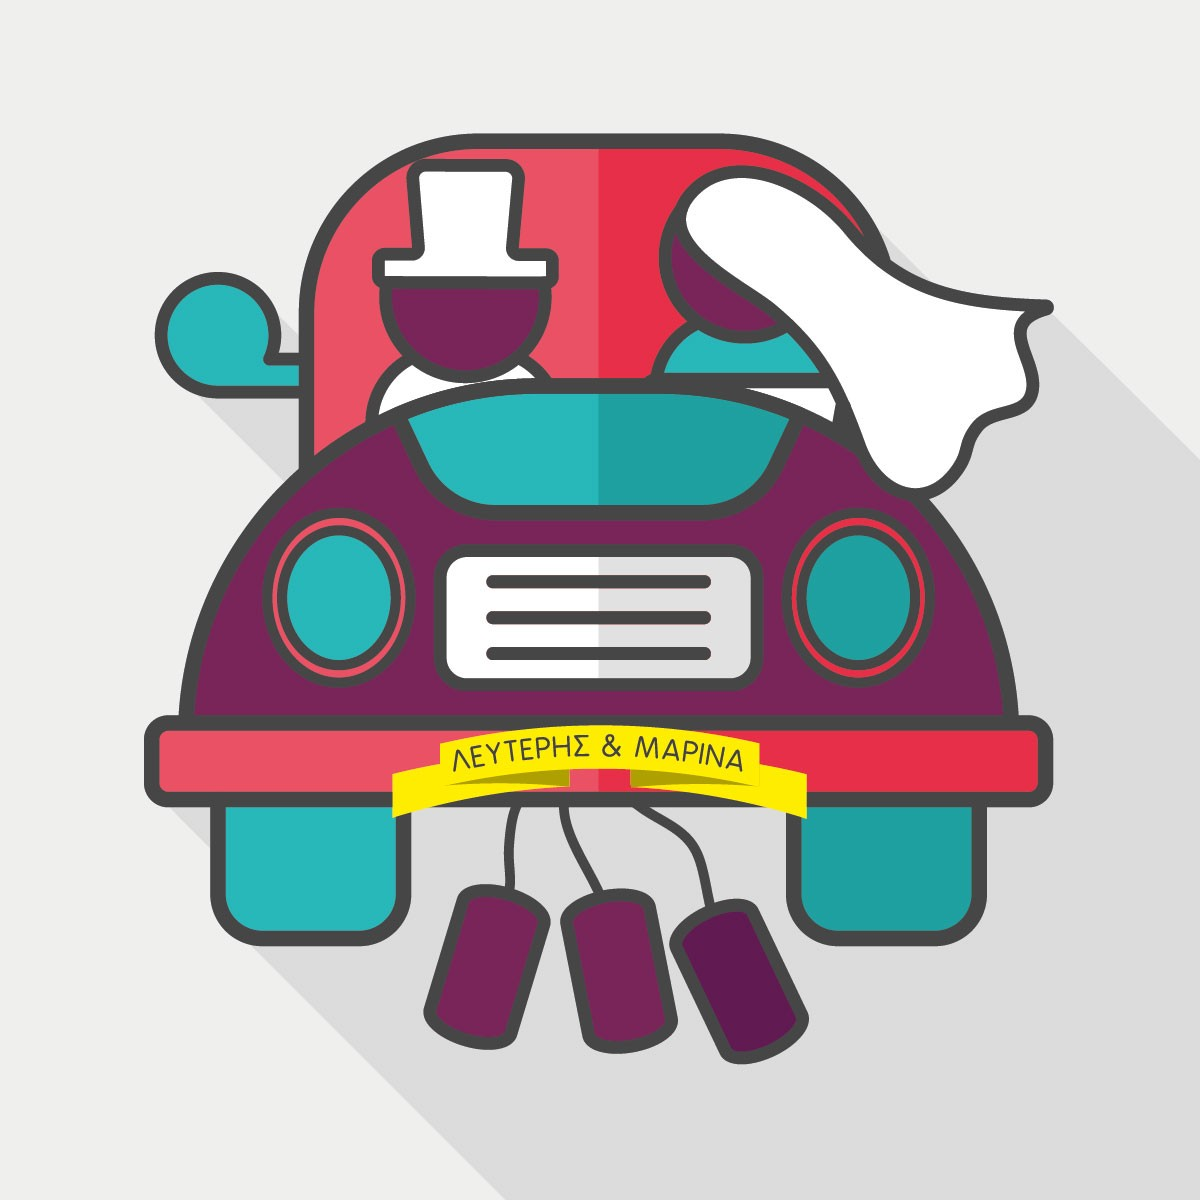 Νεόνυμφοι σε αυτοκίνητο